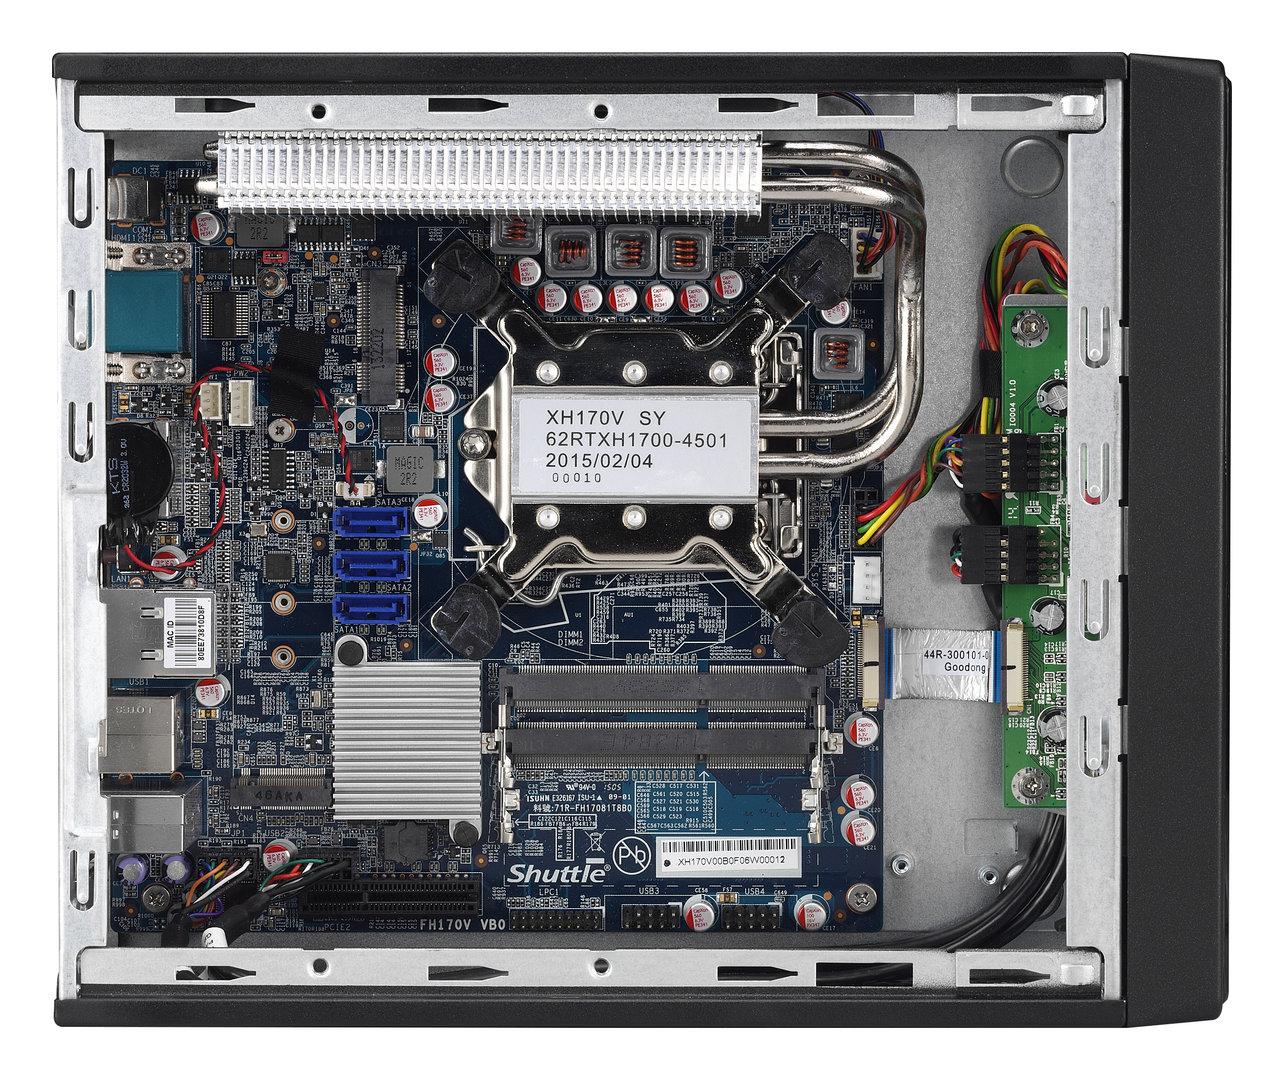 Das Mini-ITX-Mainboard auf Basis des H170-Chipsatzes kann mit DDR3L-RAM bestückt werden